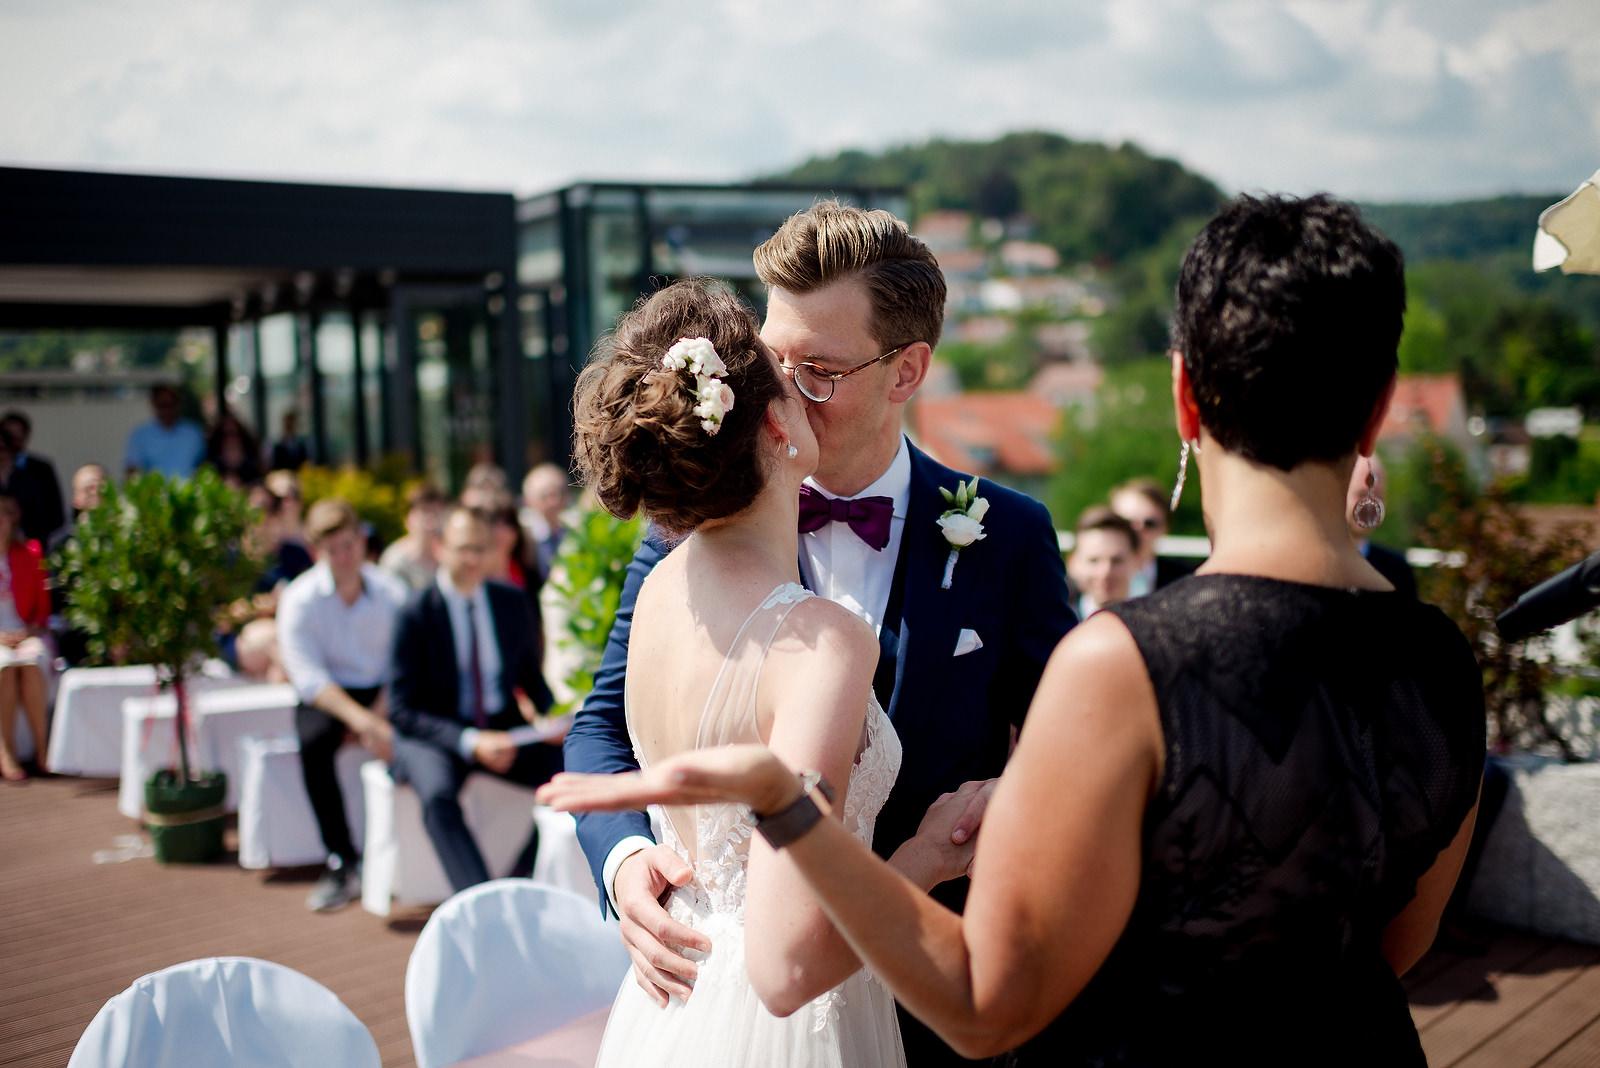 Fotograf Konstanz - Hochzeitsfotograf Bodensee Zollhaus Ludwigshafen Hochzeit Konstanz EFP 030 - Hochzeitsreportage im Zollhaus in Bodman-Ludwigshafen, Bodensee  - 163 -